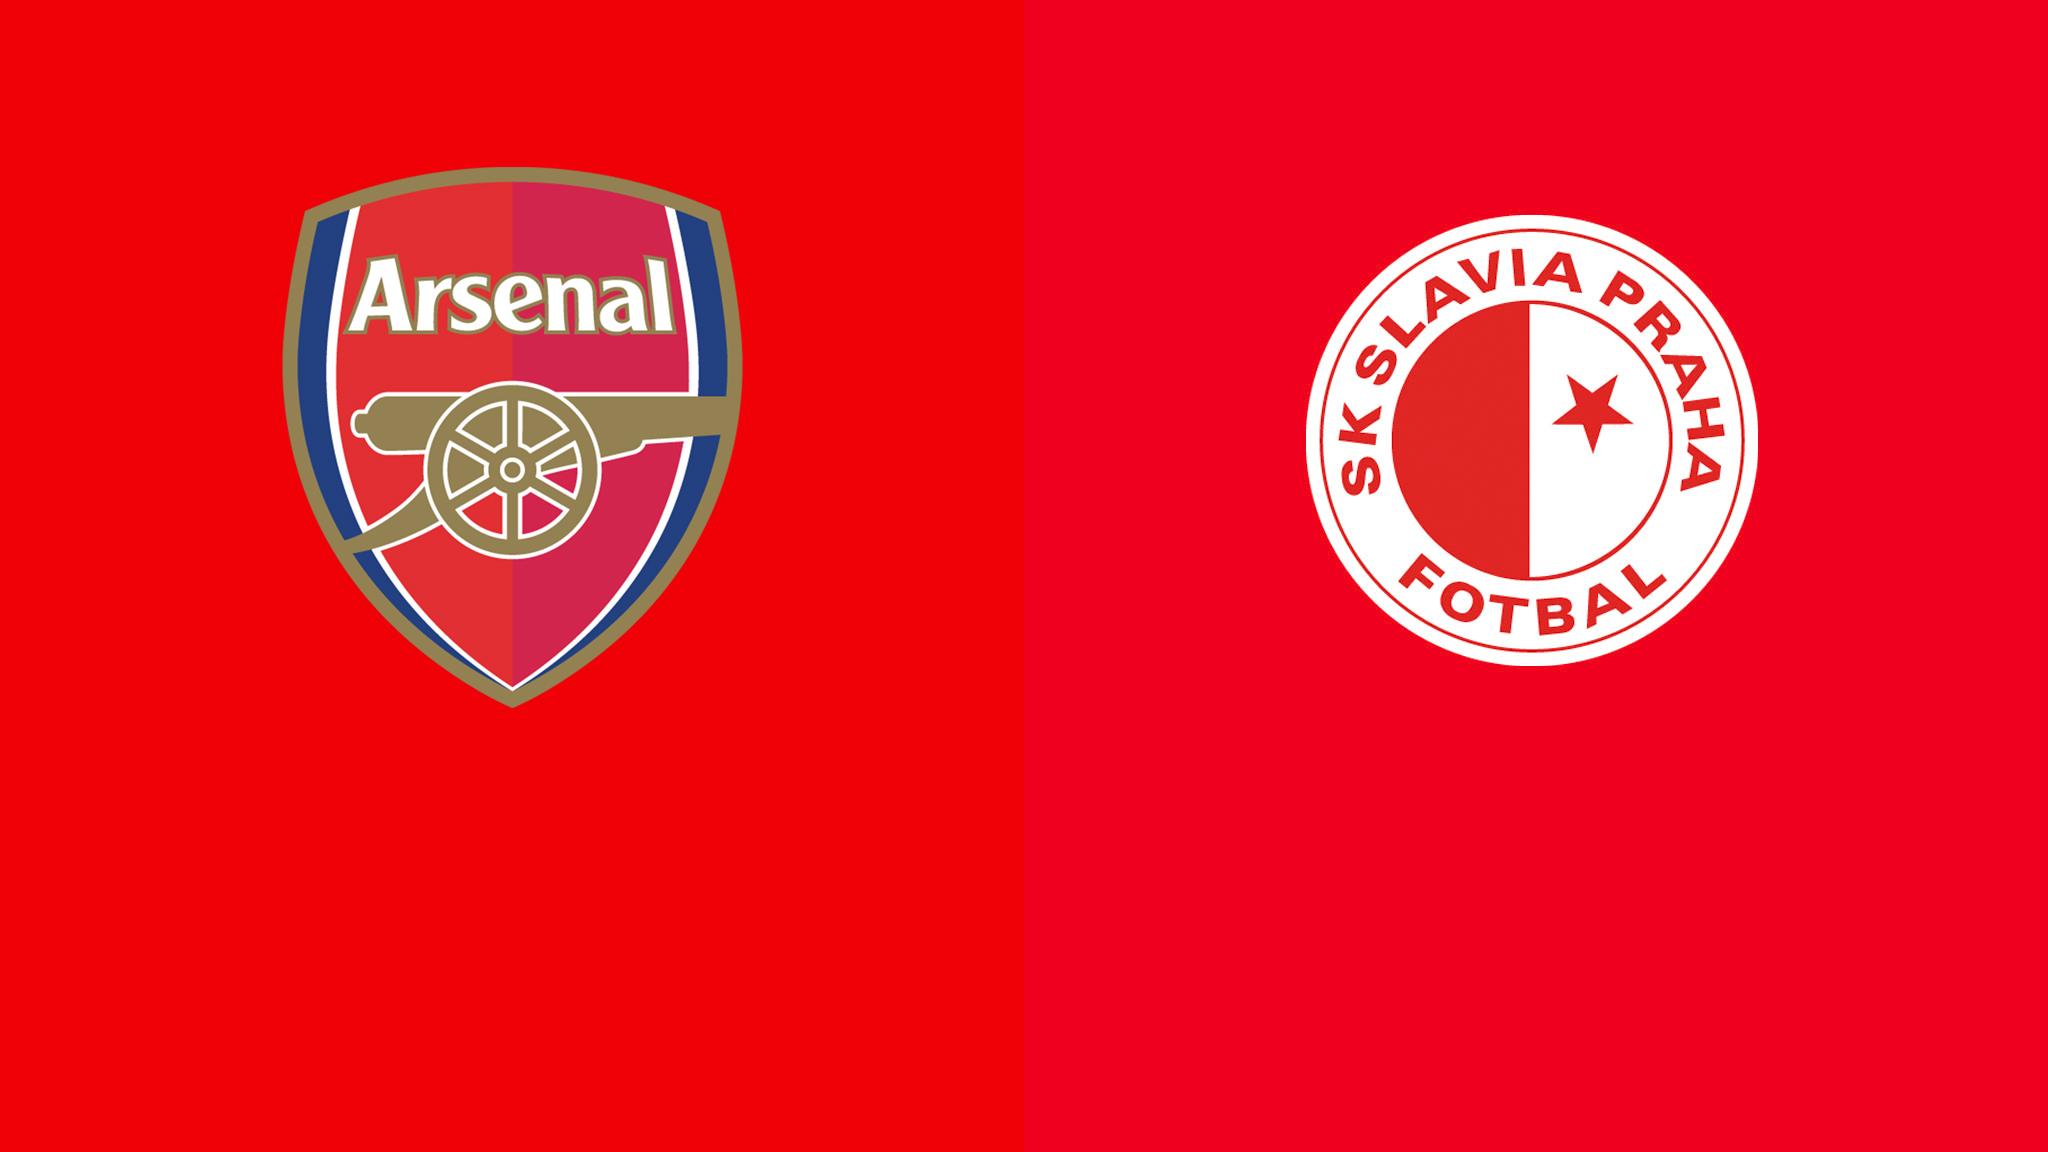 Arsenal vs Slavia Prague